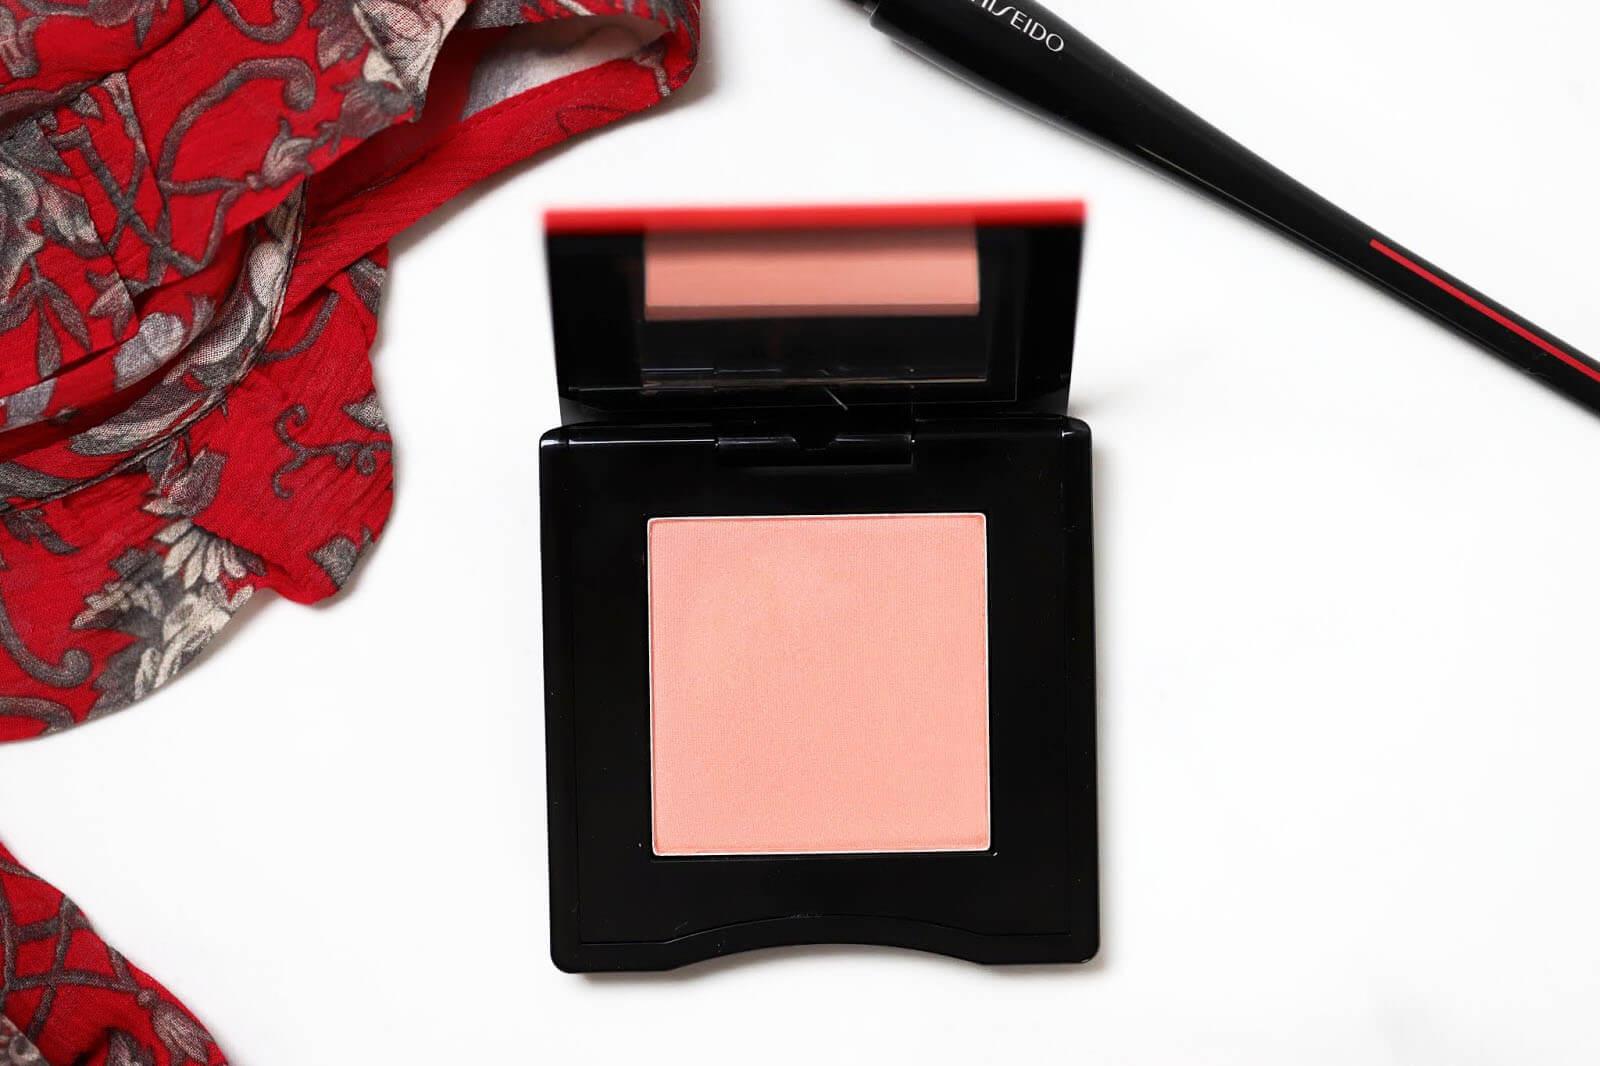 shiseido blush alpen glow 06 test